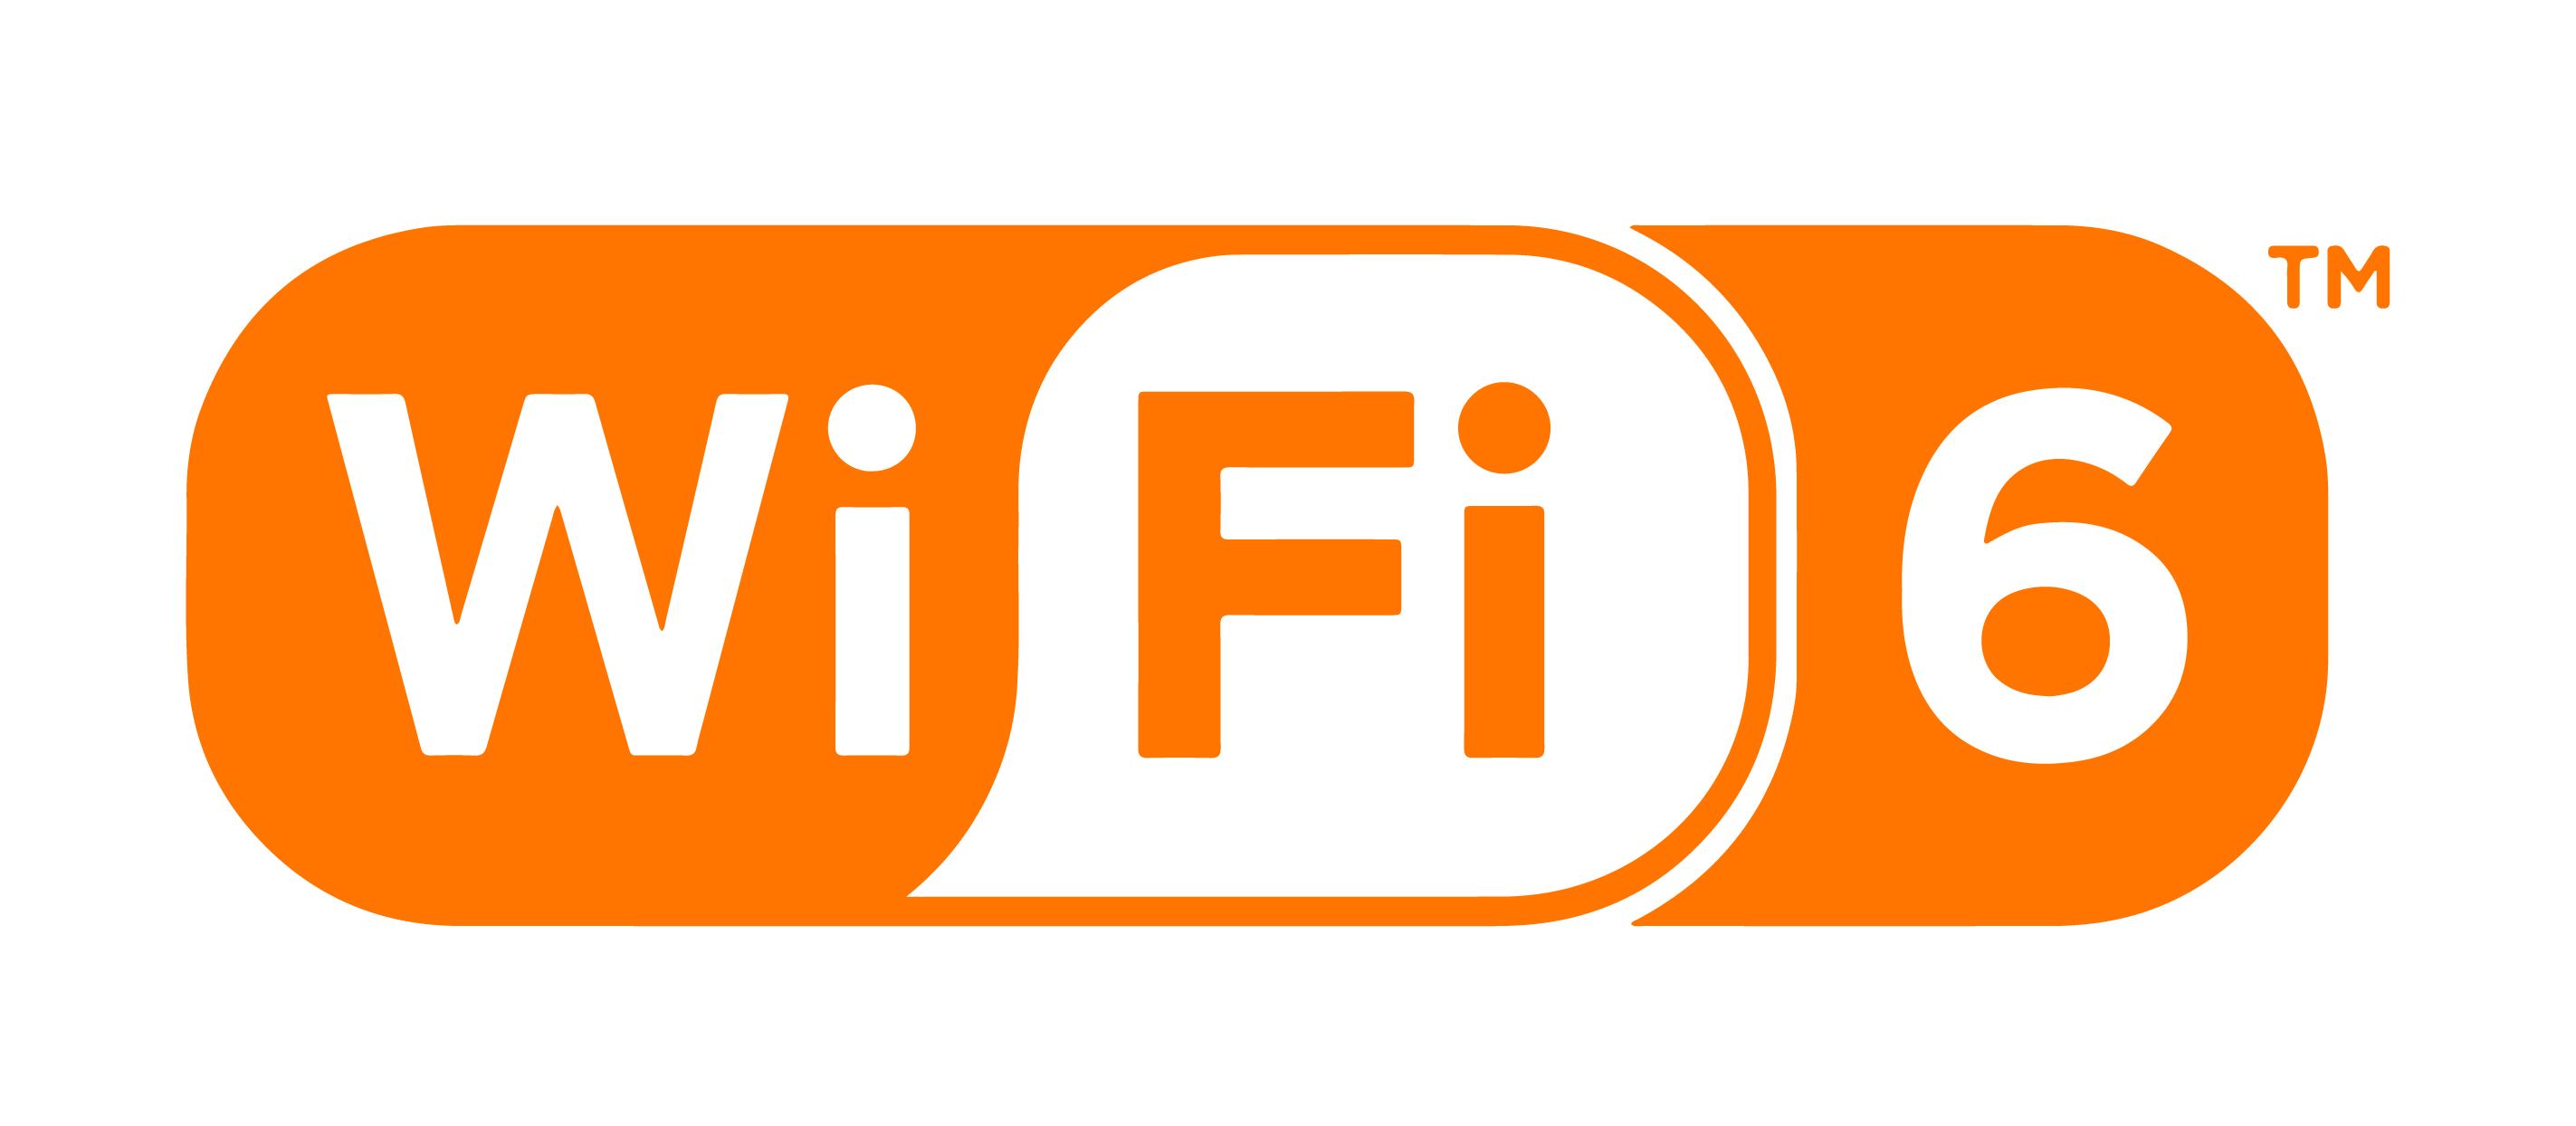 Wat is wifi 6?